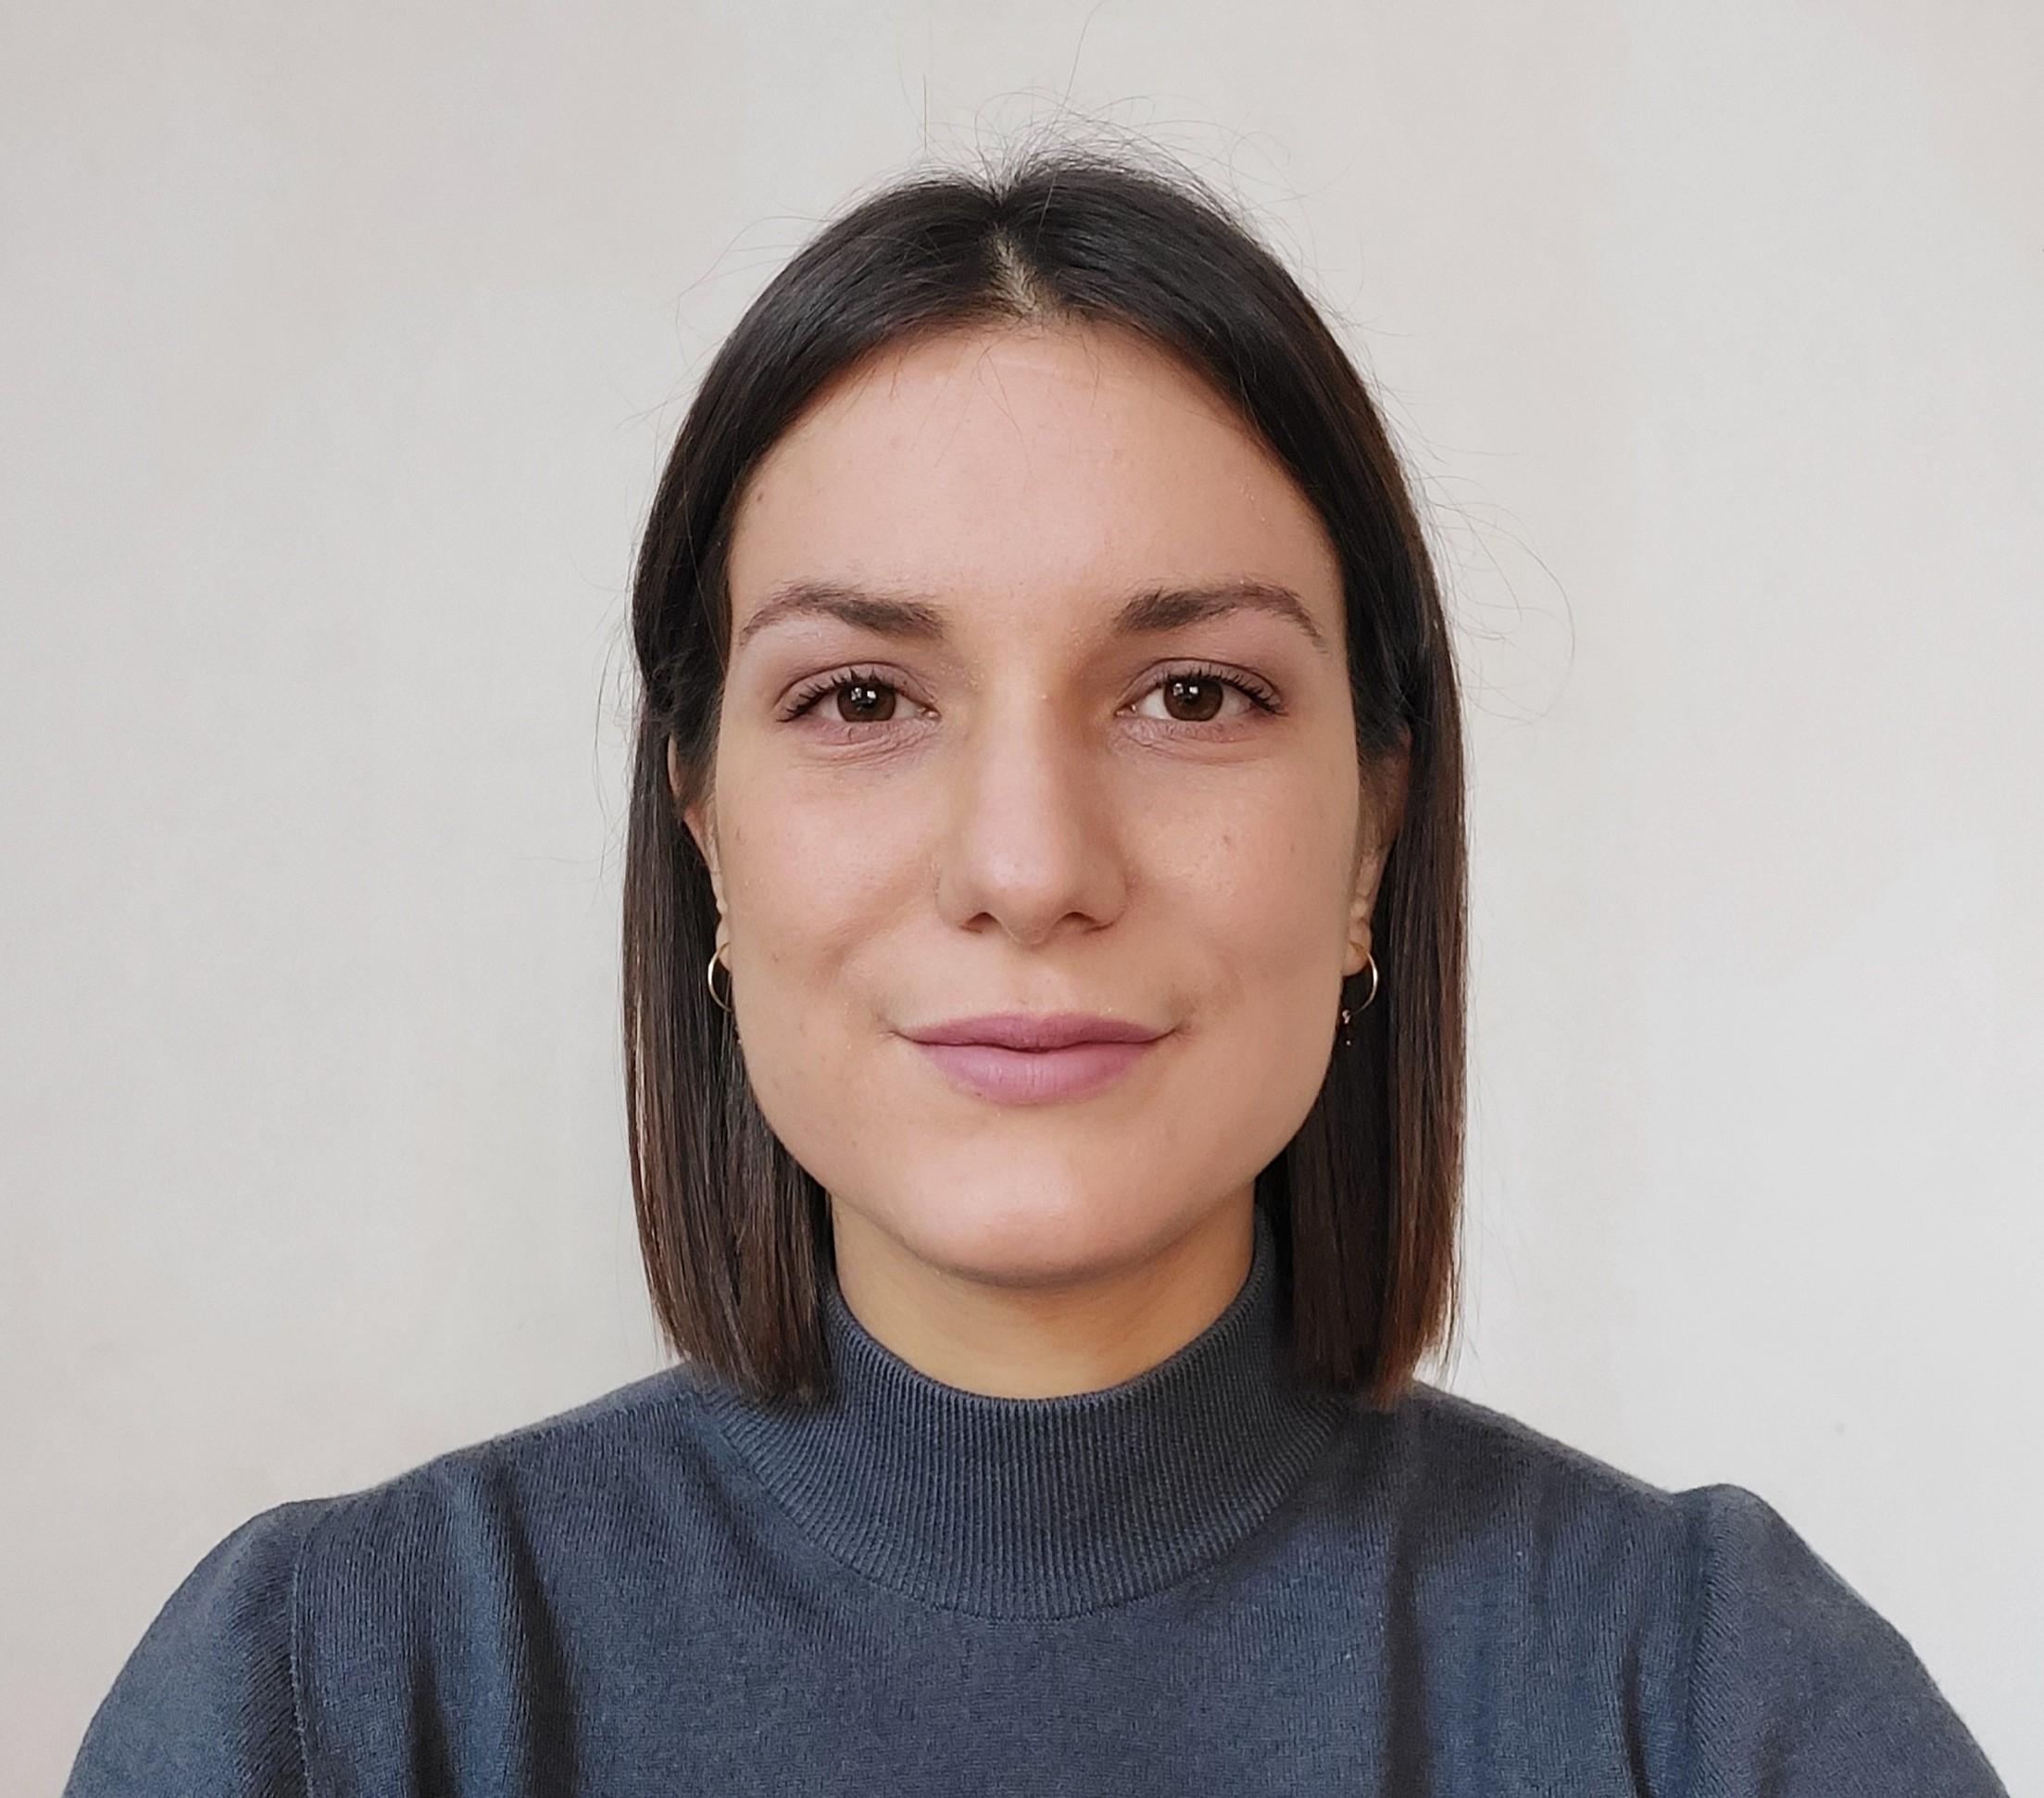 Chiara Fabiani